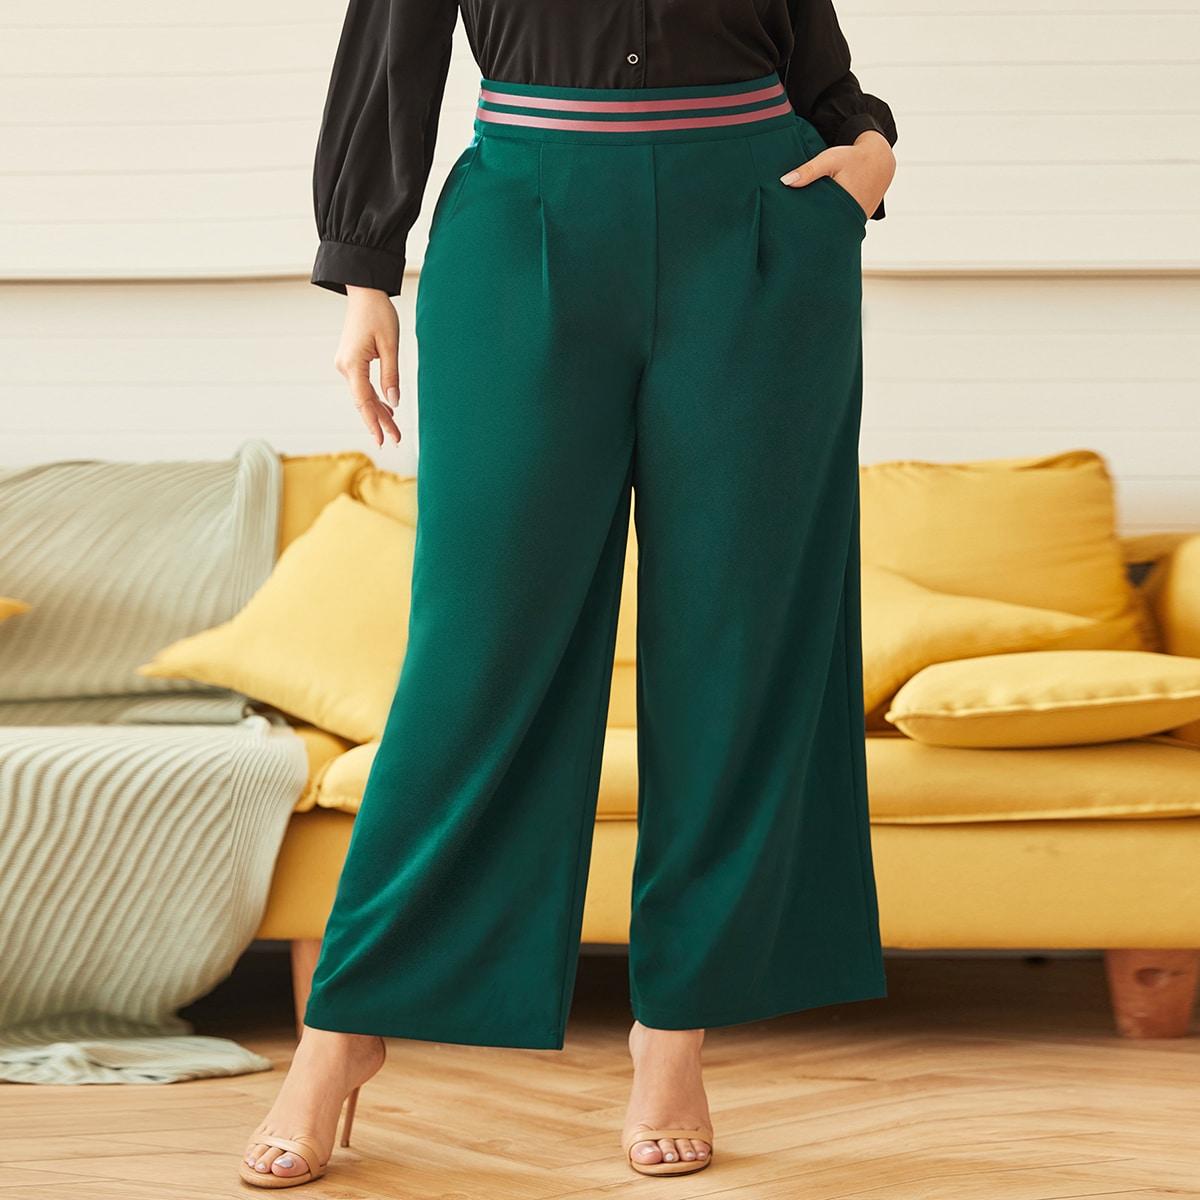 Карман полосатый повседневный брюки размер плюс